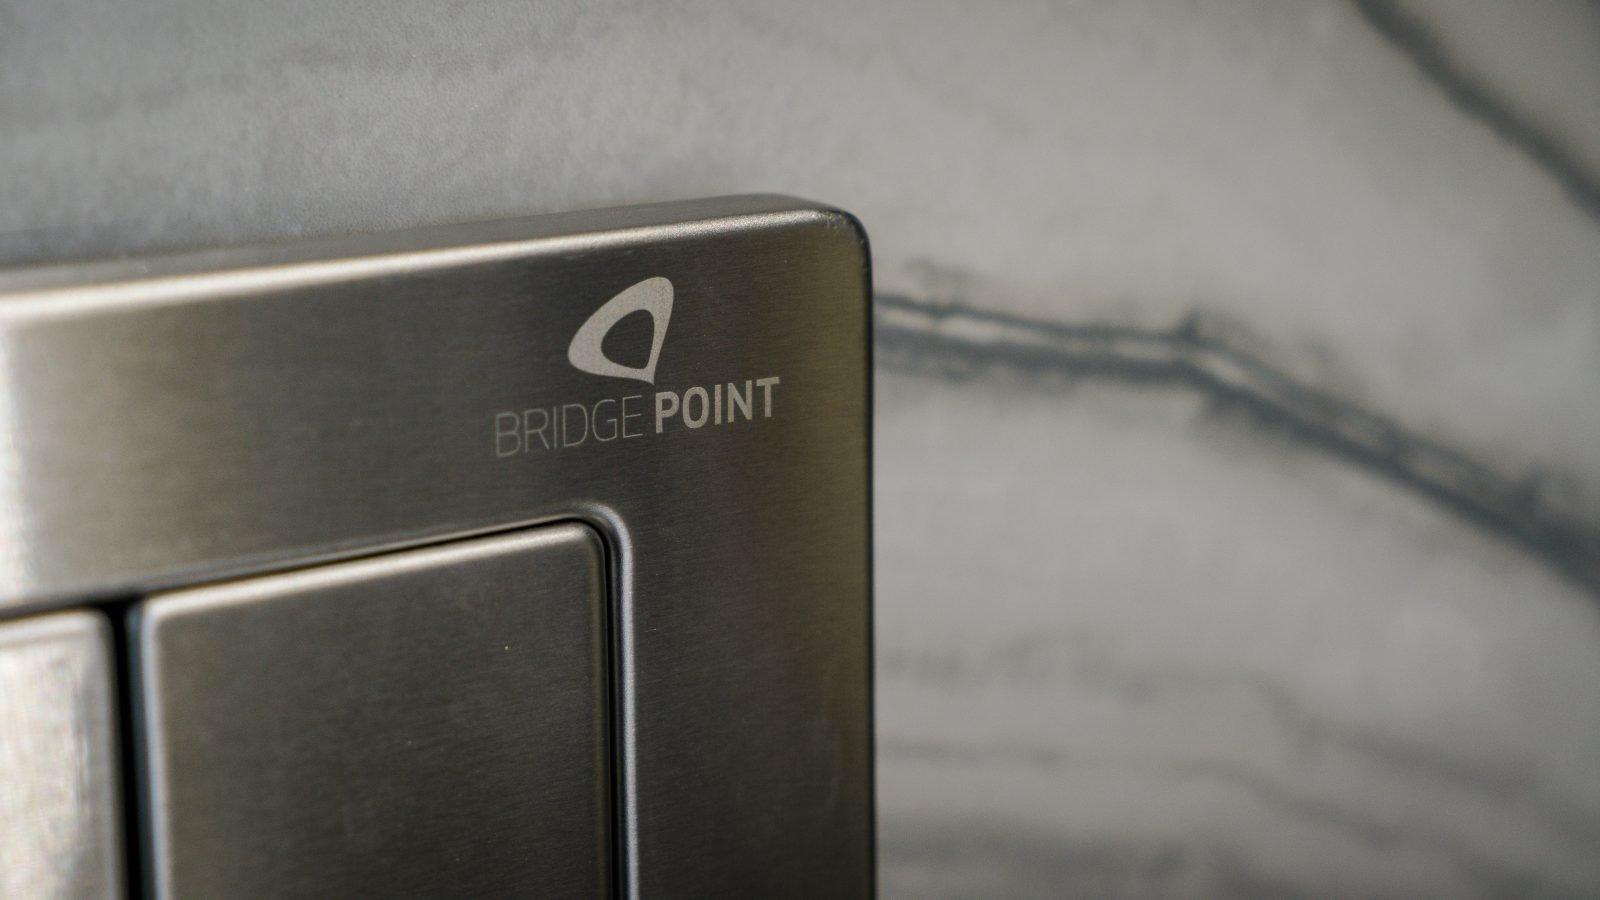 Bridgepoint SS Flush Plate